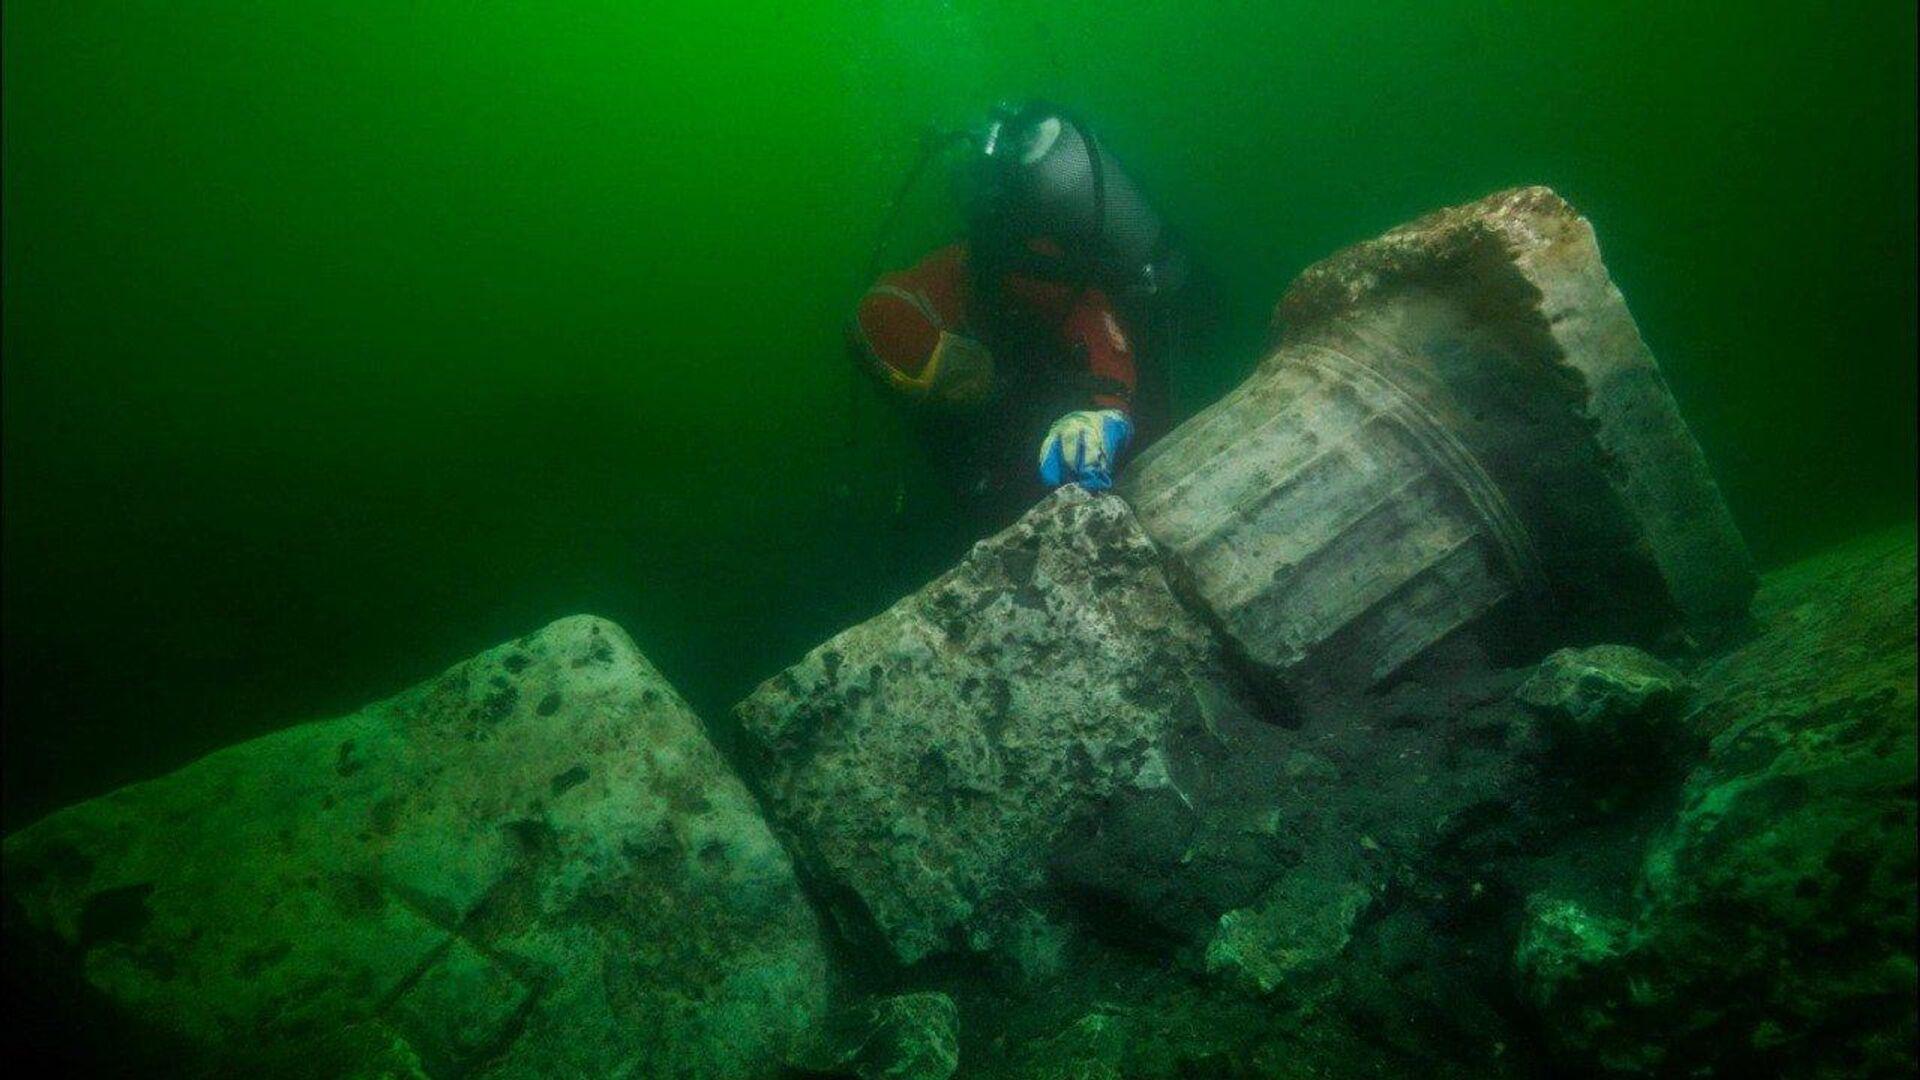 Археолог-водолаз на месте затопленного древнего города Гераклион в Средиземном море близ Александрии в Египте - РИА Новости, 1920, 15.08.2019